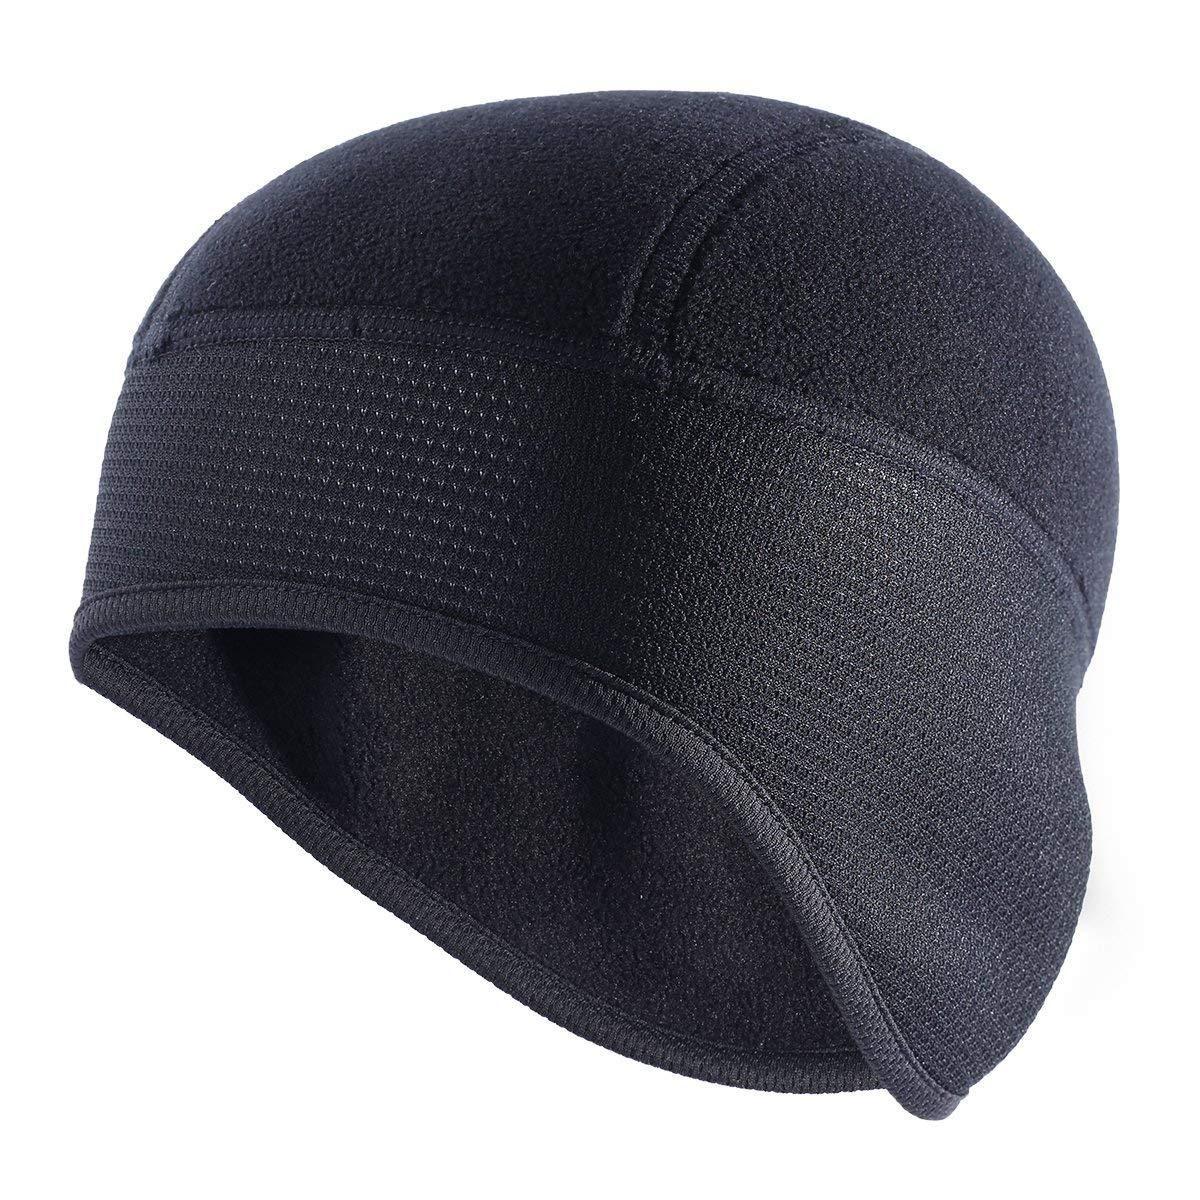 Men Skull Cap Helmet Liner Winter Thermal Fleece Ski Beanie Windproof Hat Black